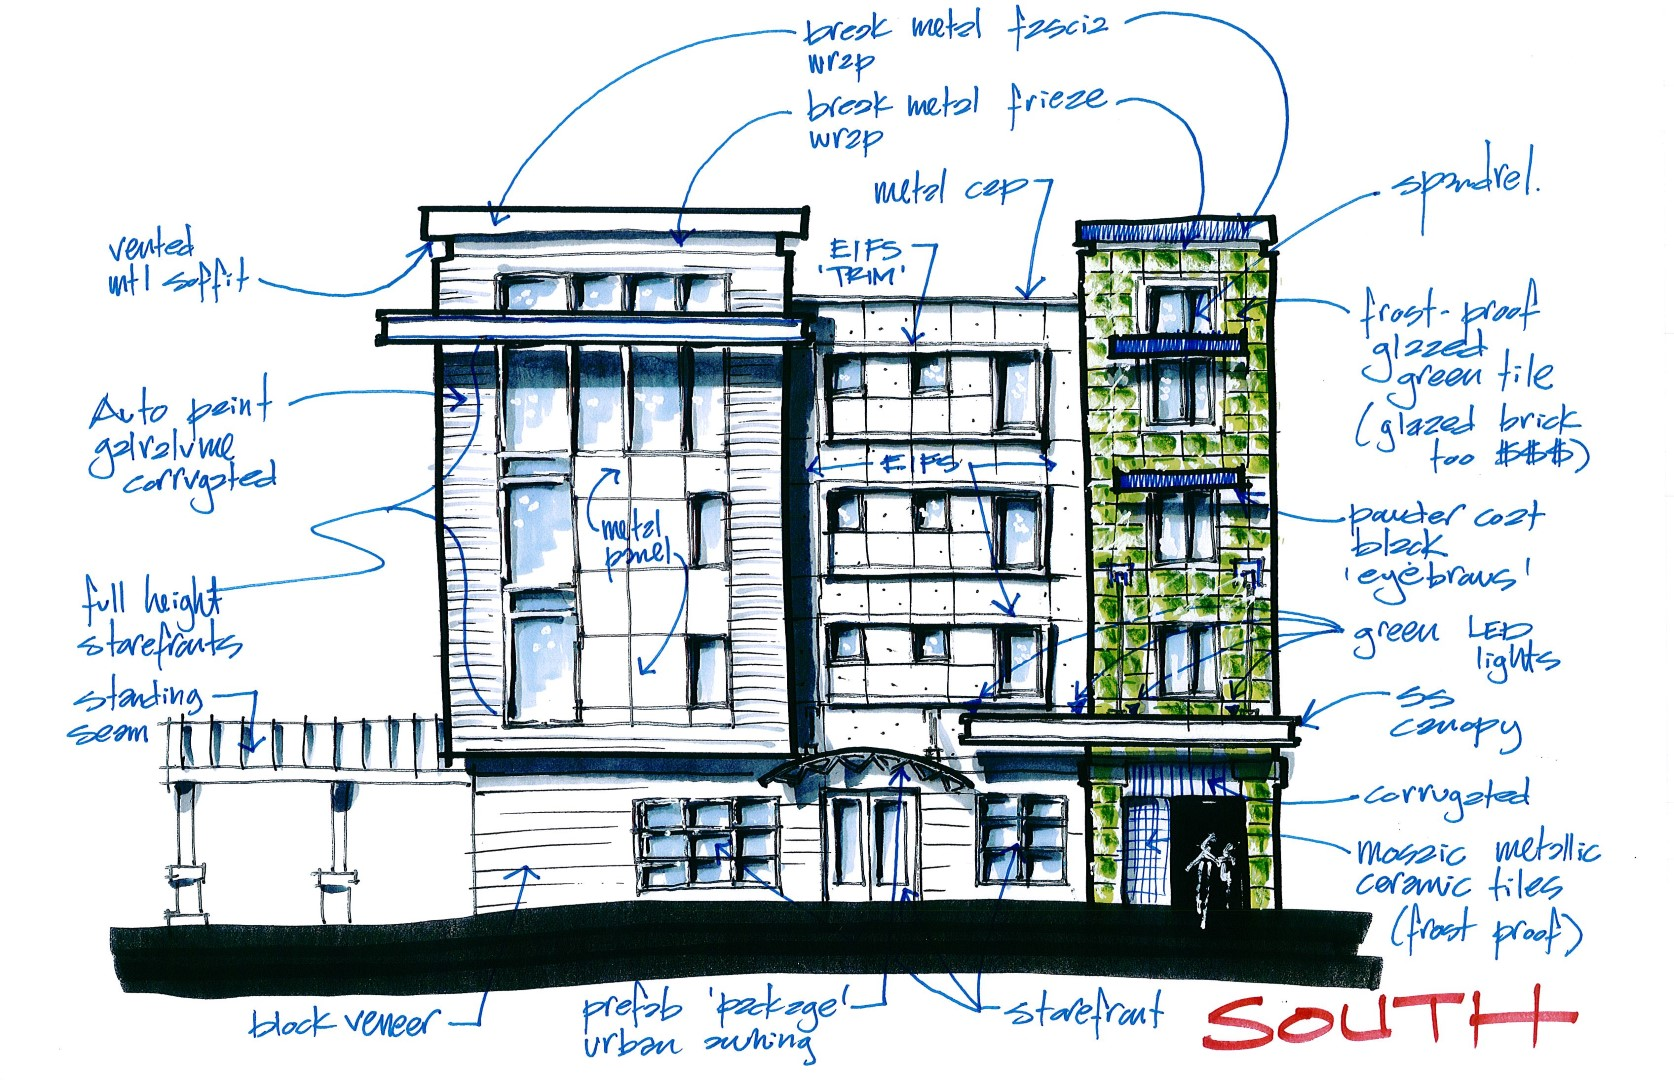 Midtown Sketch.jpg